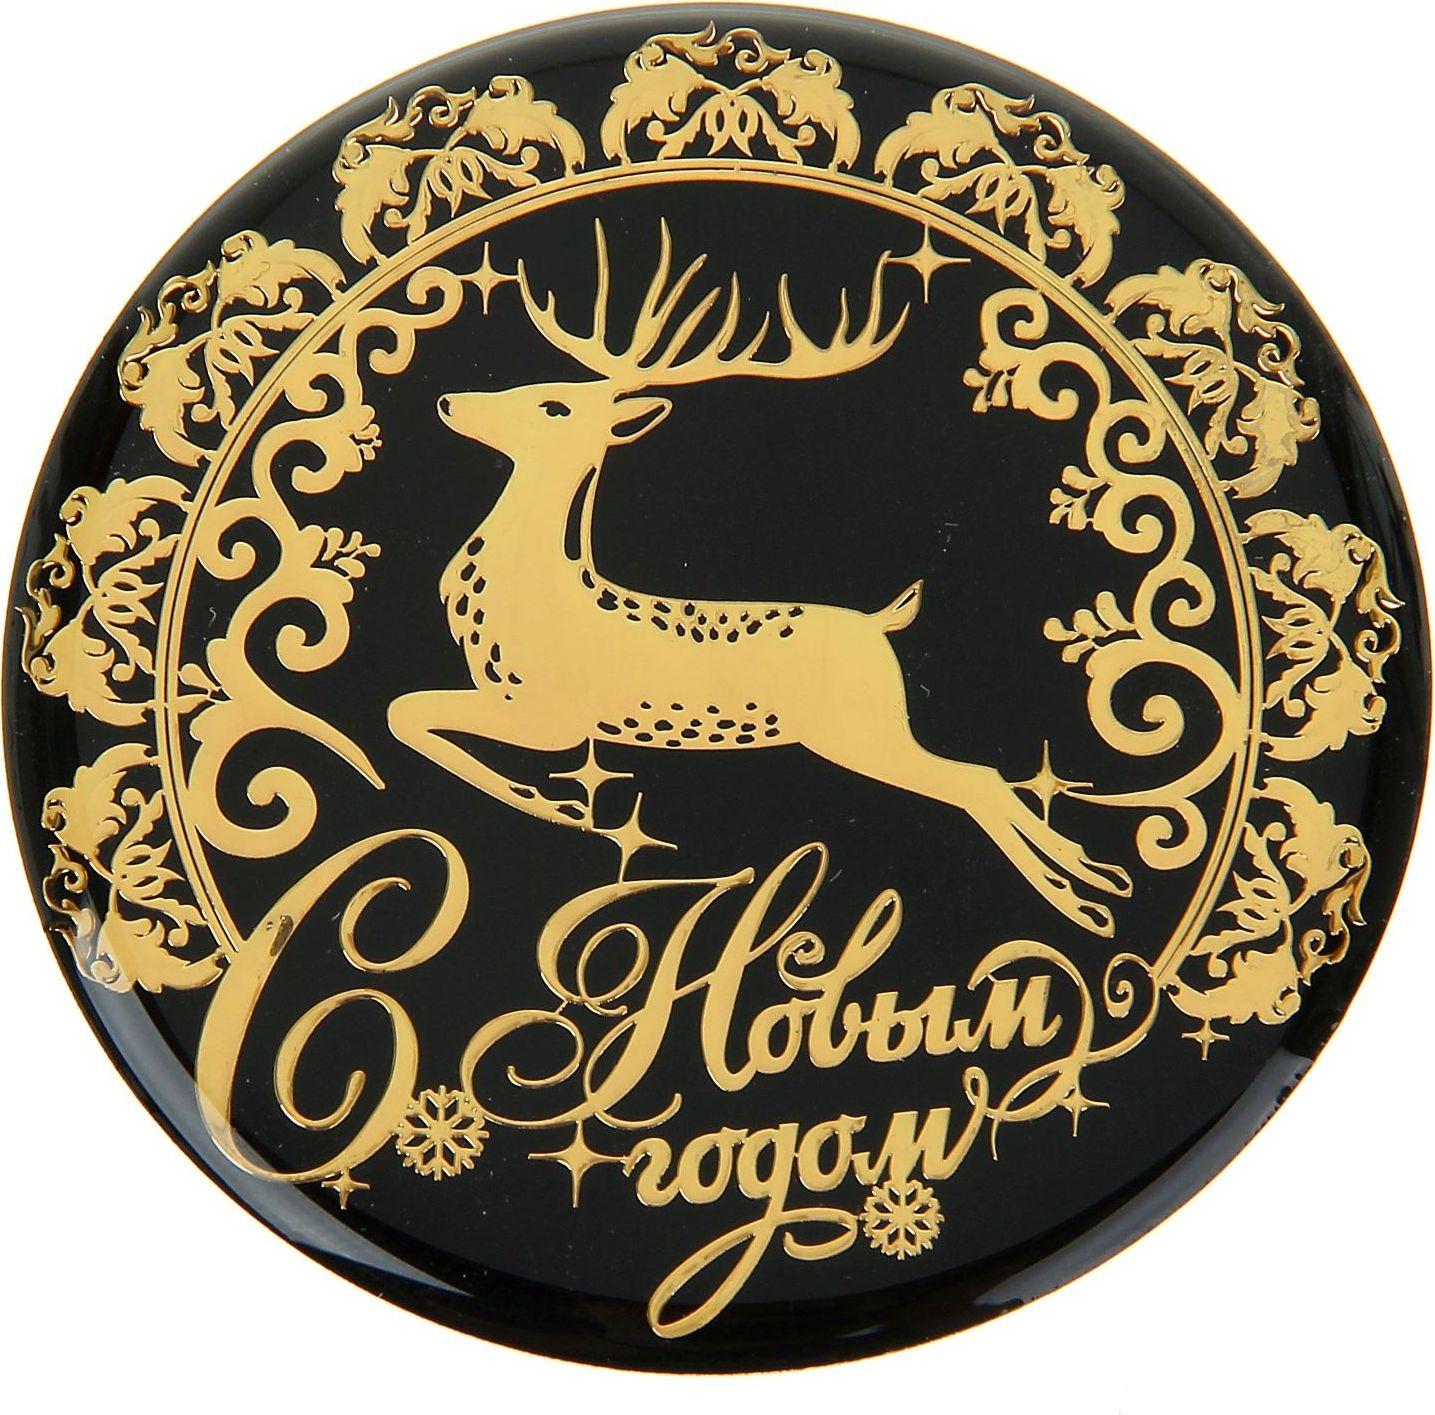 Магнит Sima-land Новогодний. 2018, 6 х 6 см240513Порадуйте родных и близких оригинальным сувениром: преподнесите в подарок магнит. С ним даже самый серьезный человек почувствует себя ребенком, ожидающим чудо! Прикрепите его к любой металлической поверхности, и он удержит на виду важные записки, любовные послания или просто список продуктов.Создайте праздничное настроение, и оно останется с вами на весь год.